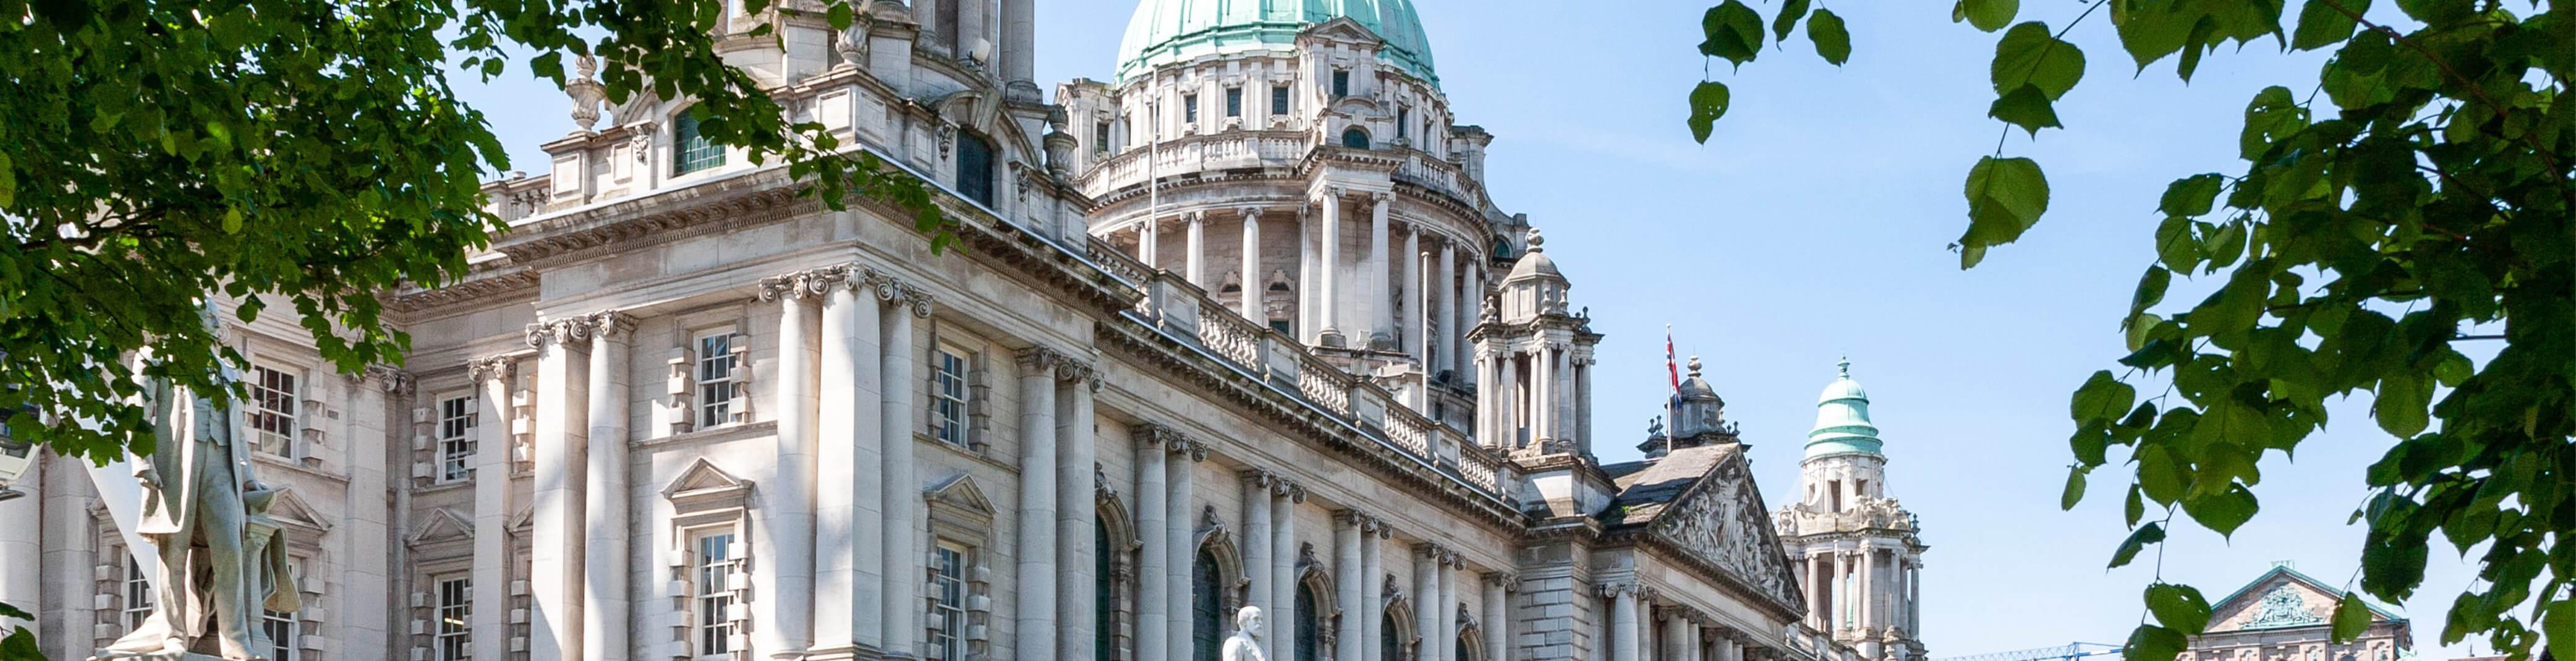 Online Training Courses In Belfast